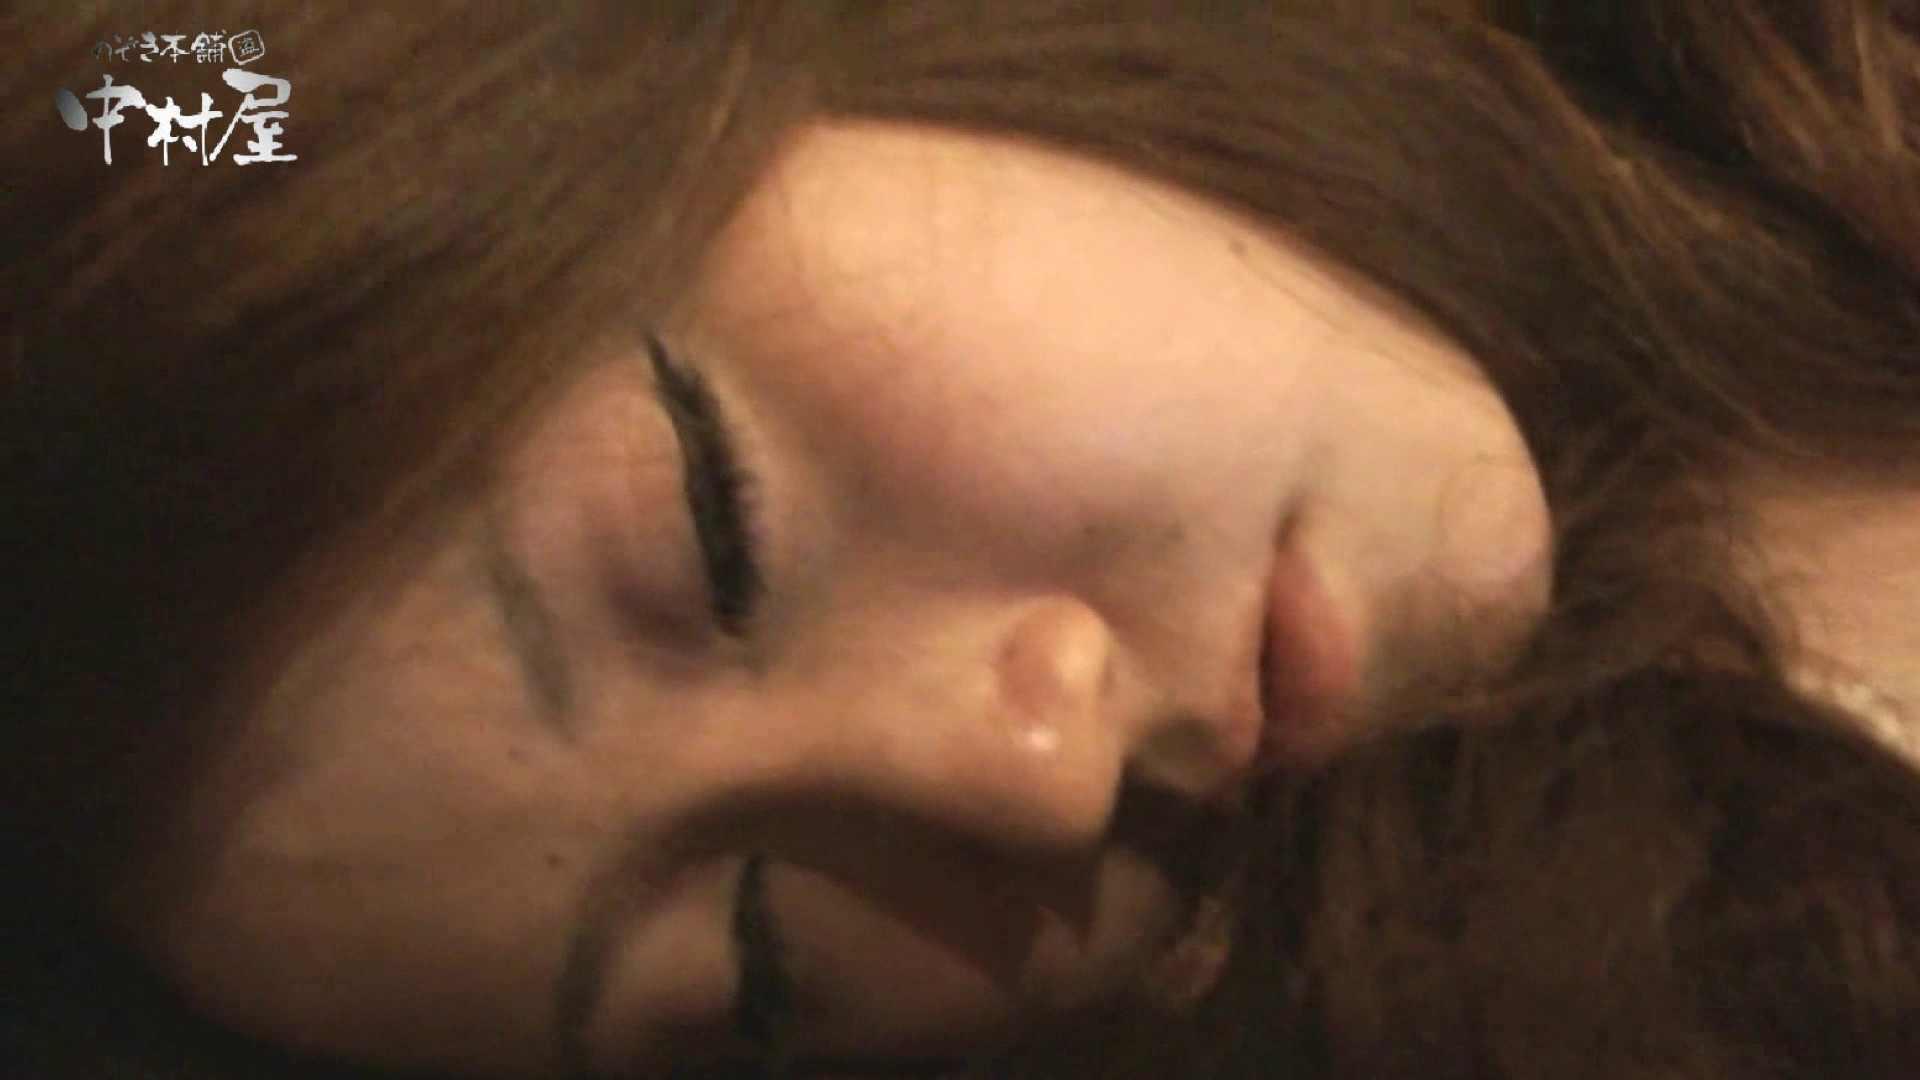 欲望 リアルドール Case.11 Sちゃん現役女子大生19歳 前編 女子大生 | イタズラ  96画像 37